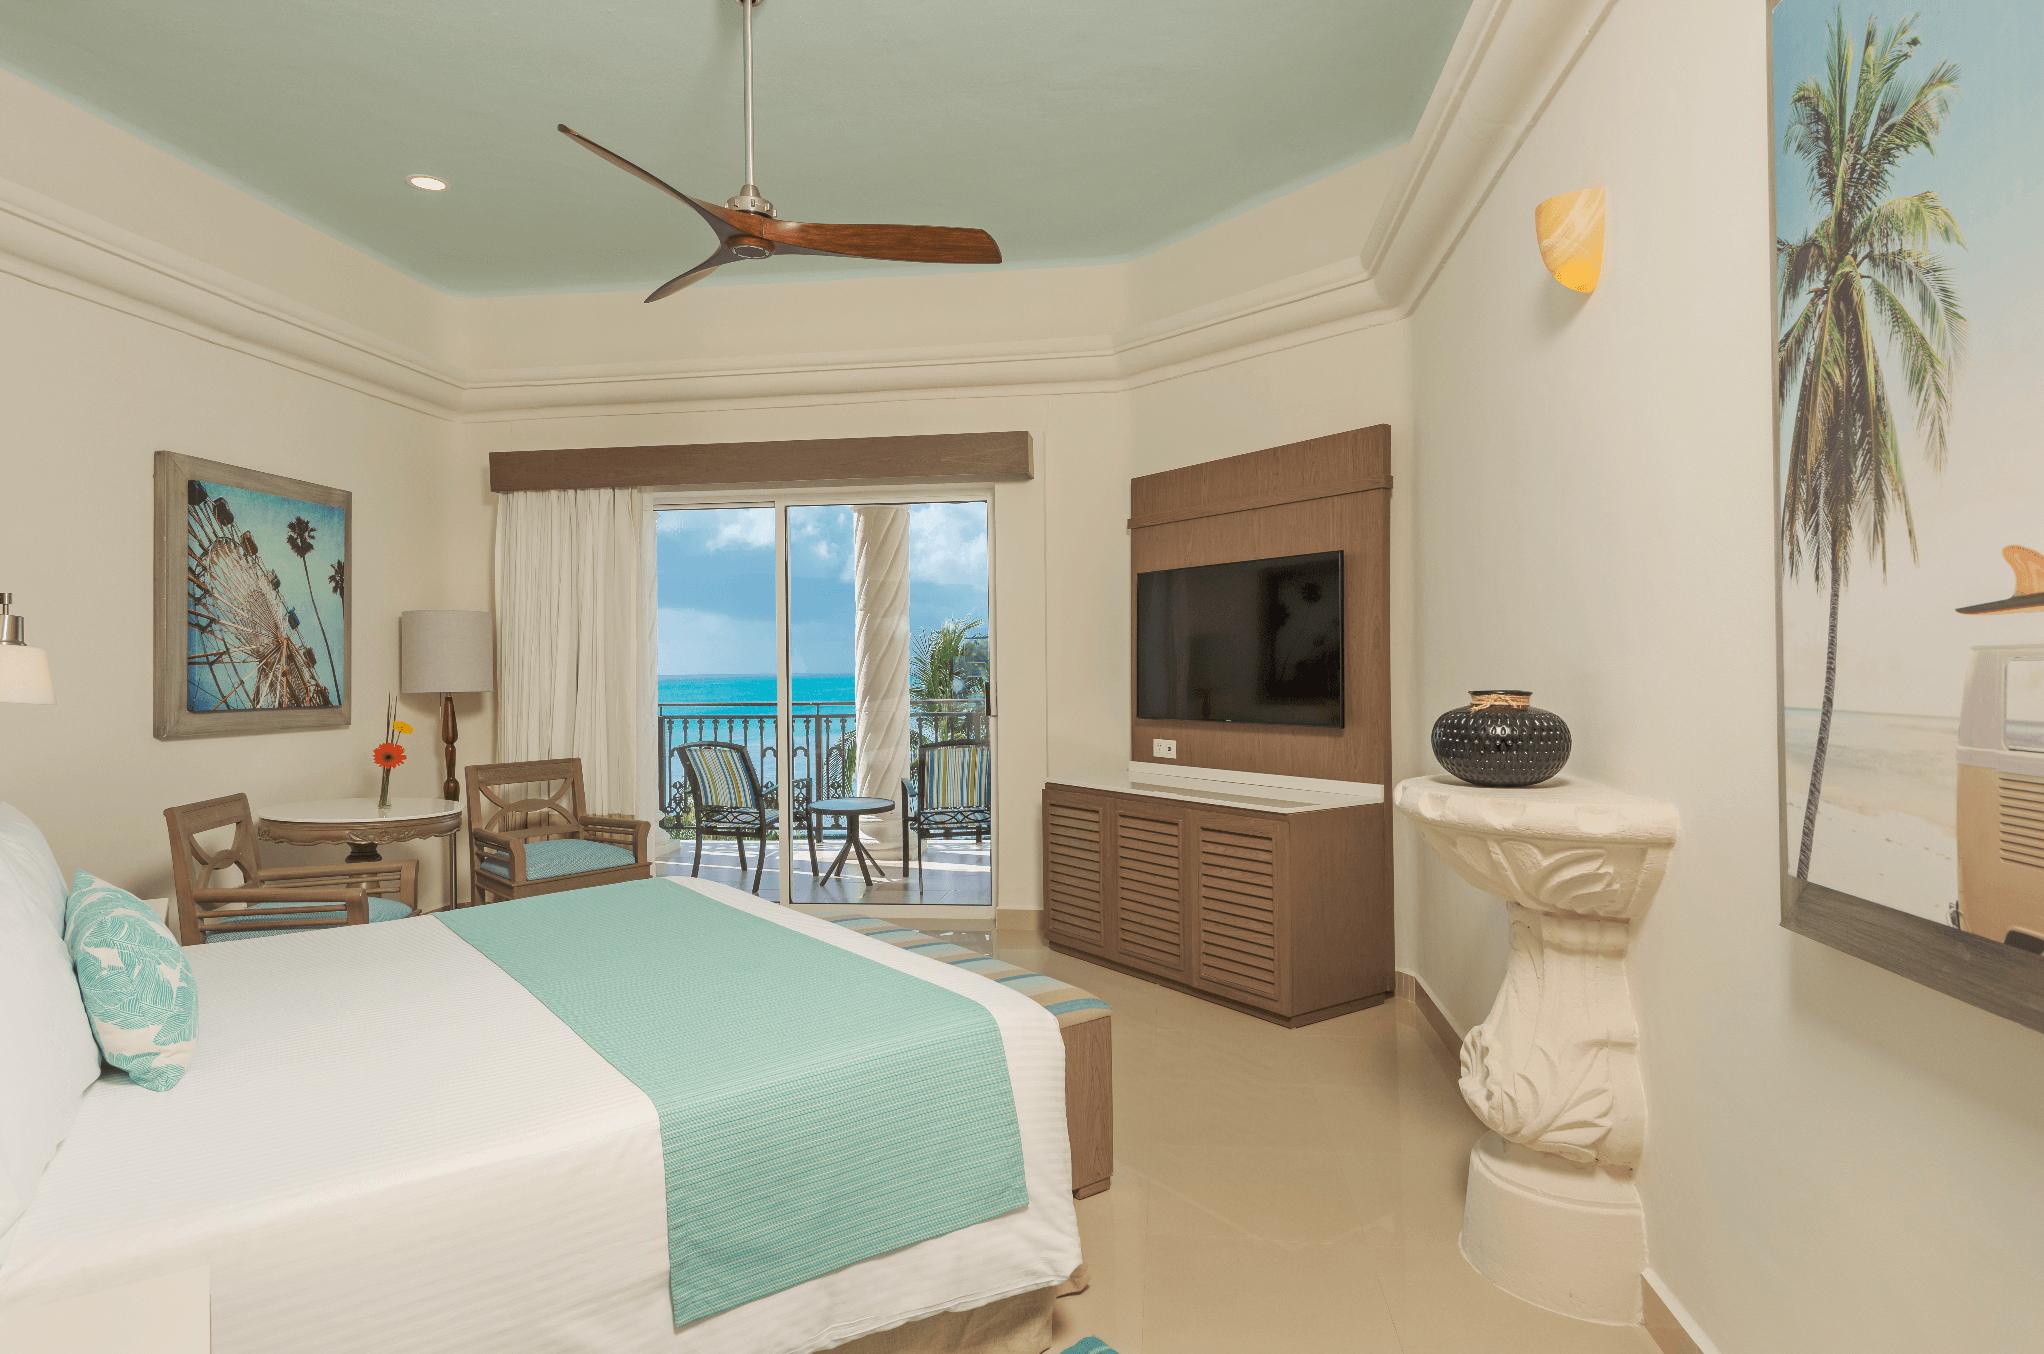 Panama Jack hotel room